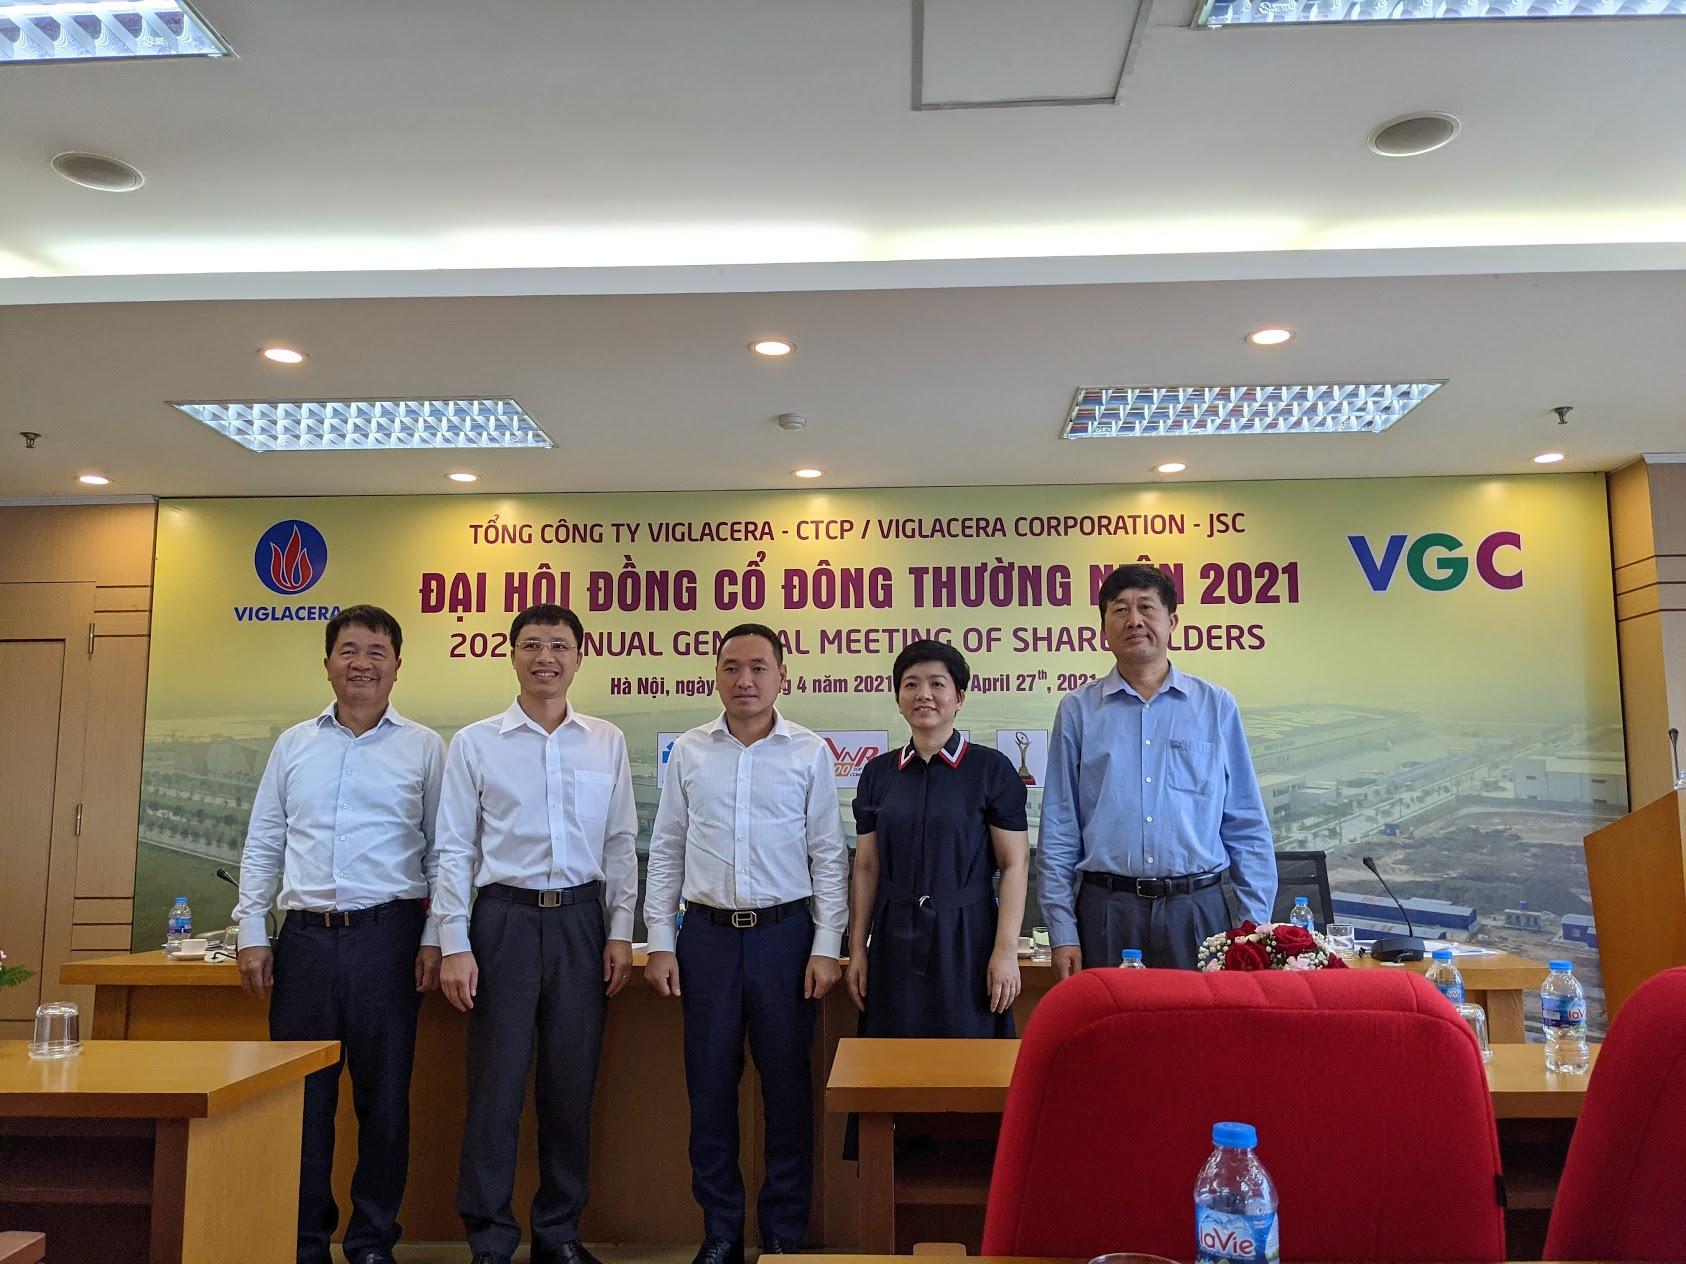 ĐHĐCĐ Viglacera: Người Gelex vào Viglacera, đẩy mạnh bất động sản KCN, mua lại 30% cổ phần PFG từ IDICO - Ảnh 3.